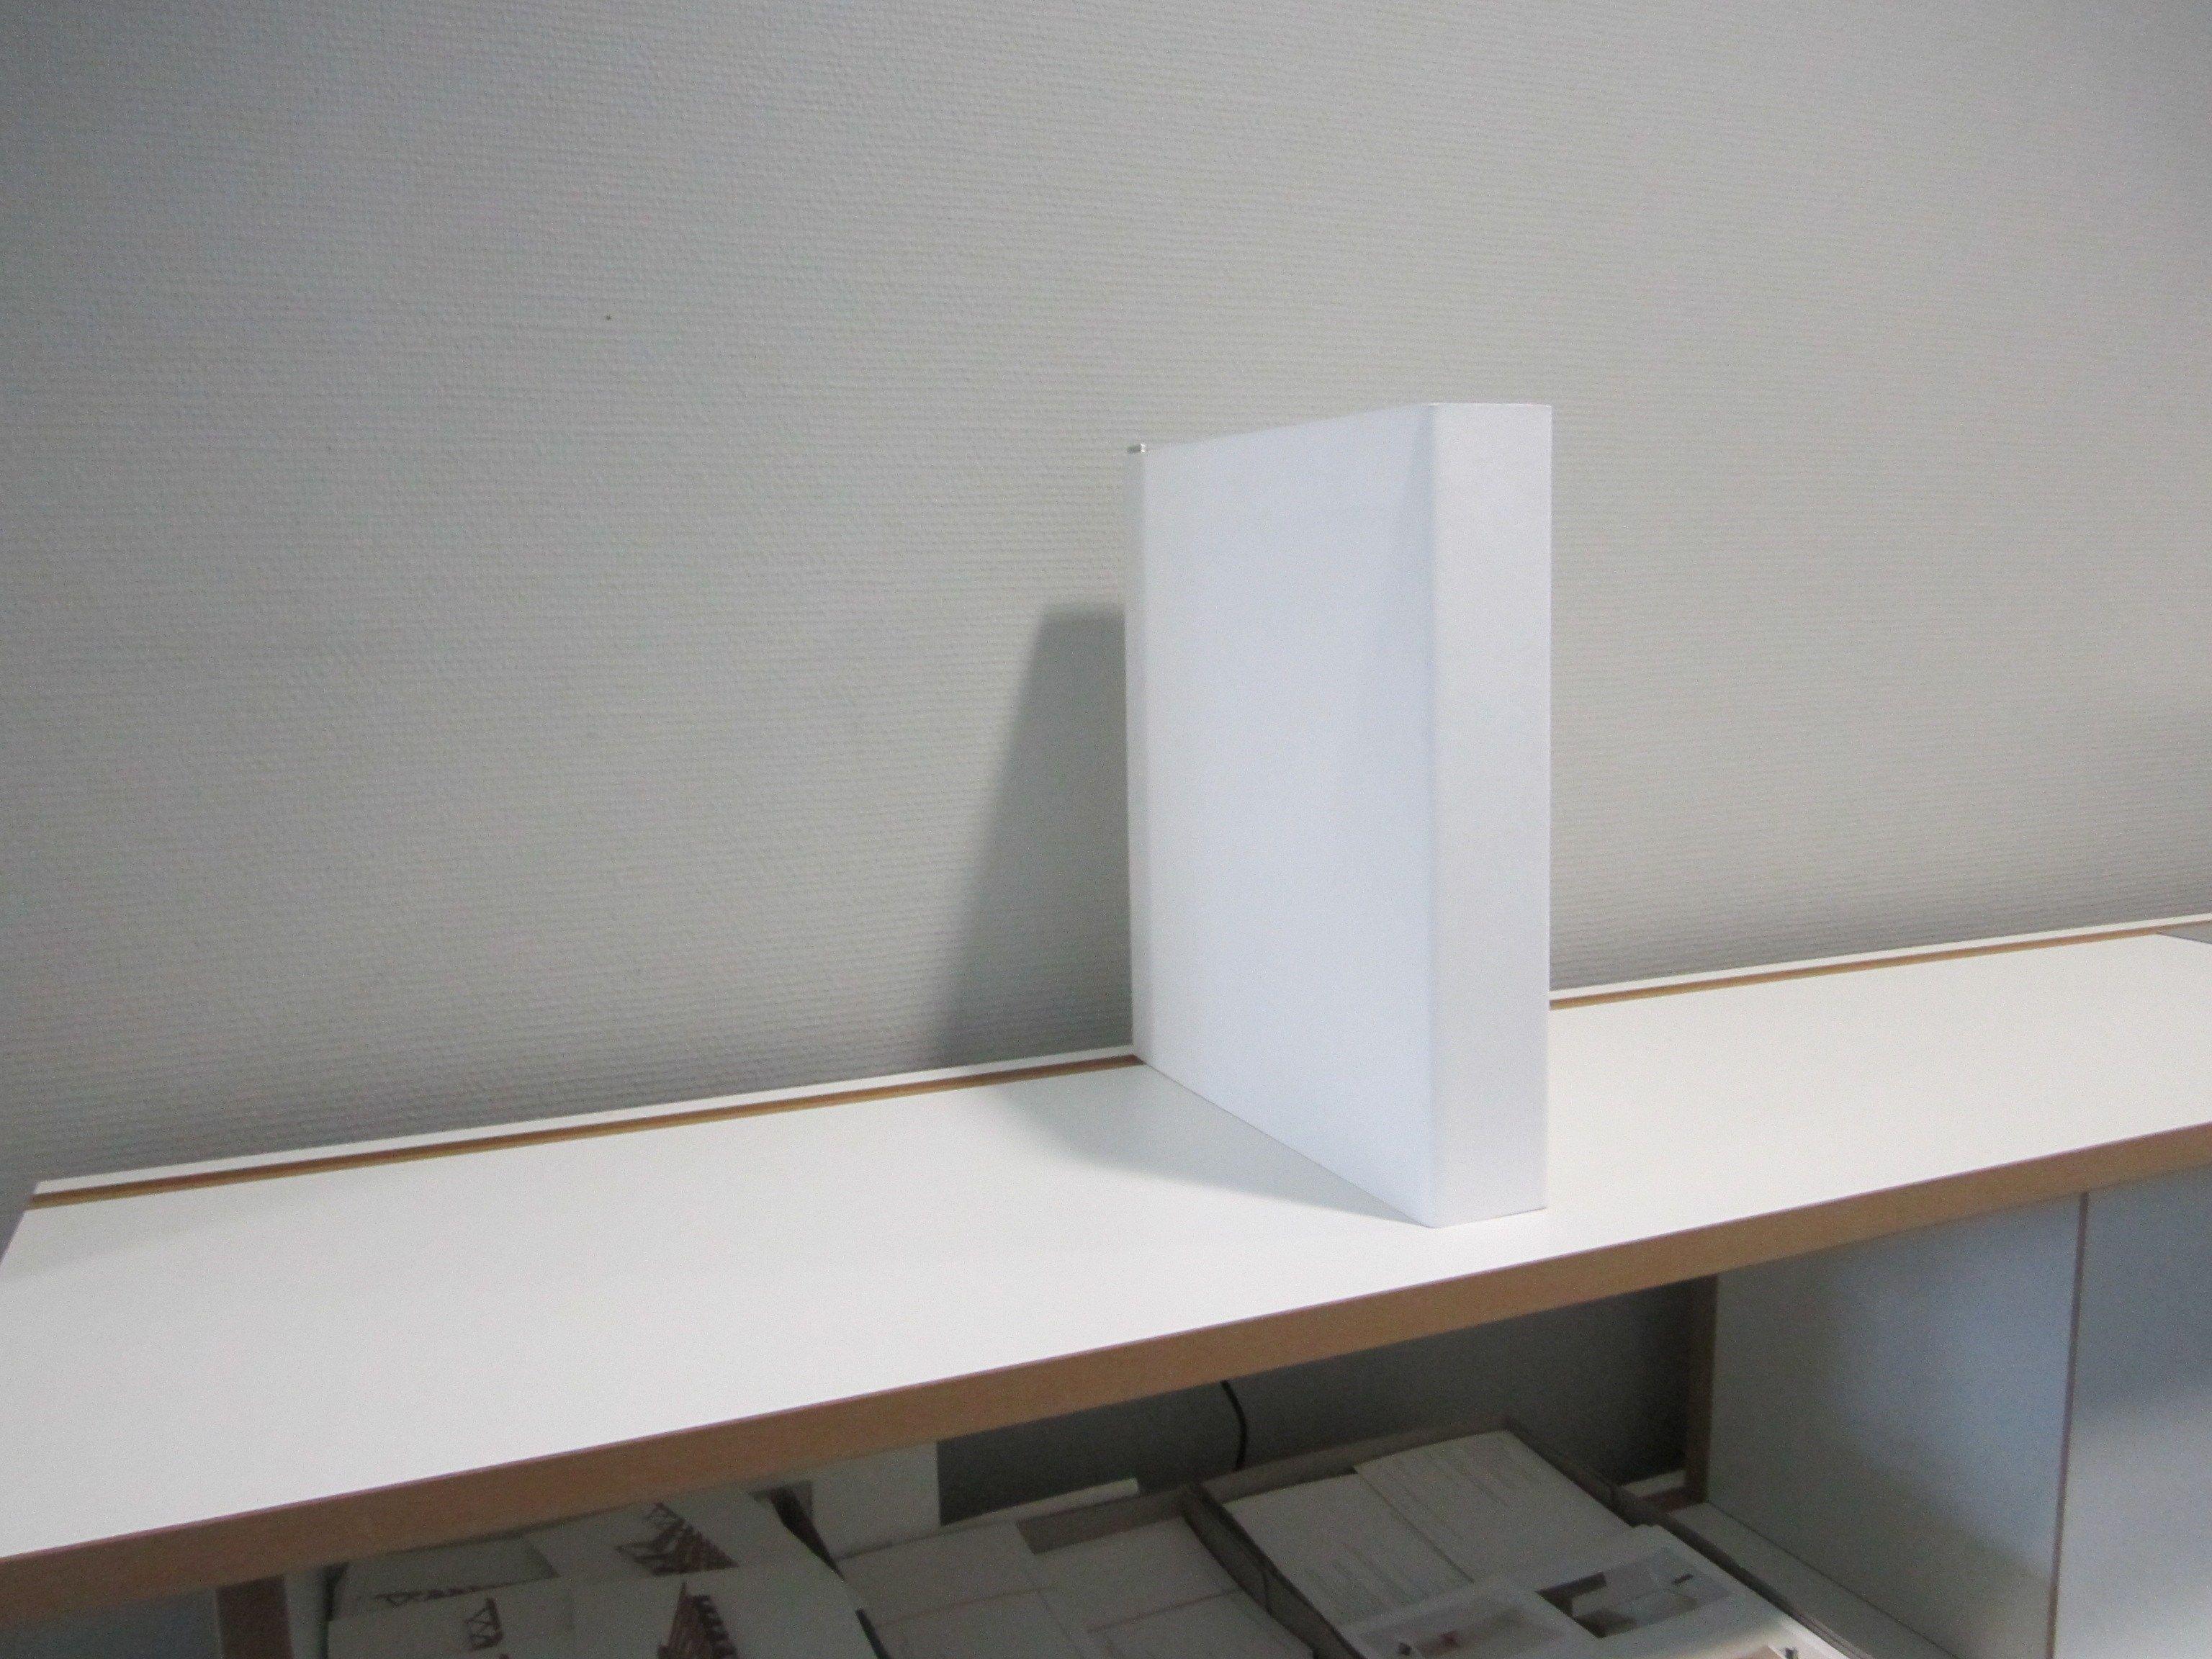 Illuminazione per mobili a led in vetro acrilico stell - Illuminazione a led per mobili ...